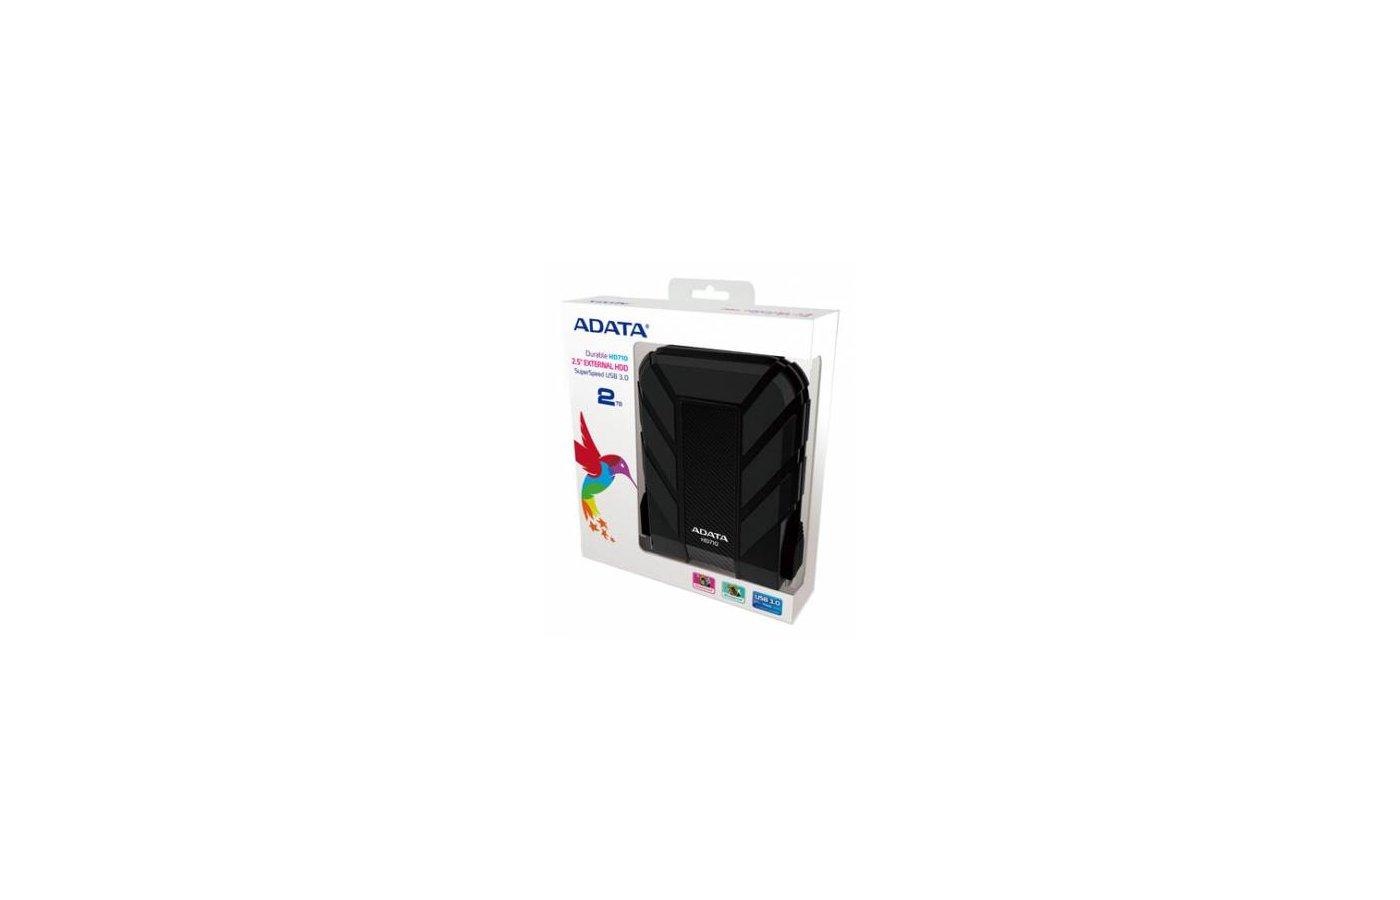 Внешний жесткий диск A-Data USB 3.0 2TB DashDrive HV620 Black